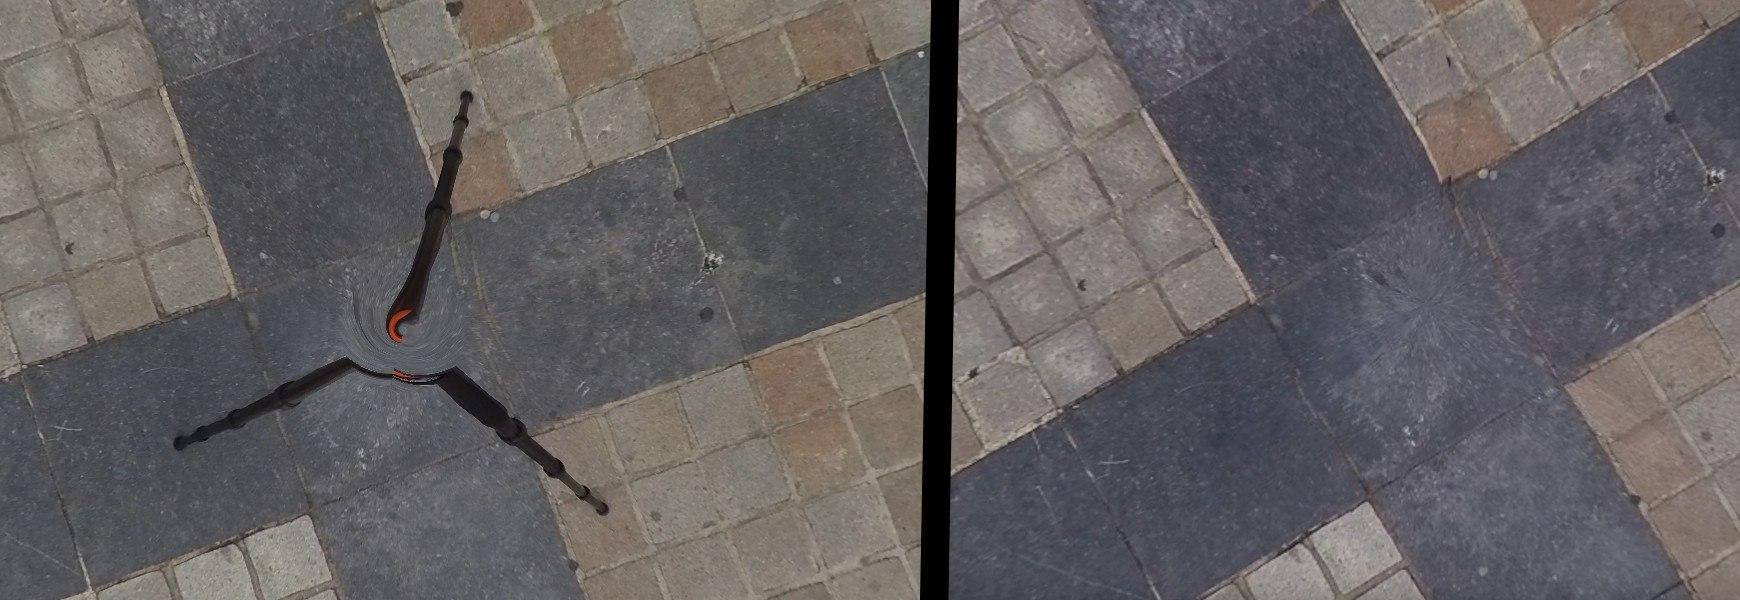 exemple de suppression du support caméra 360